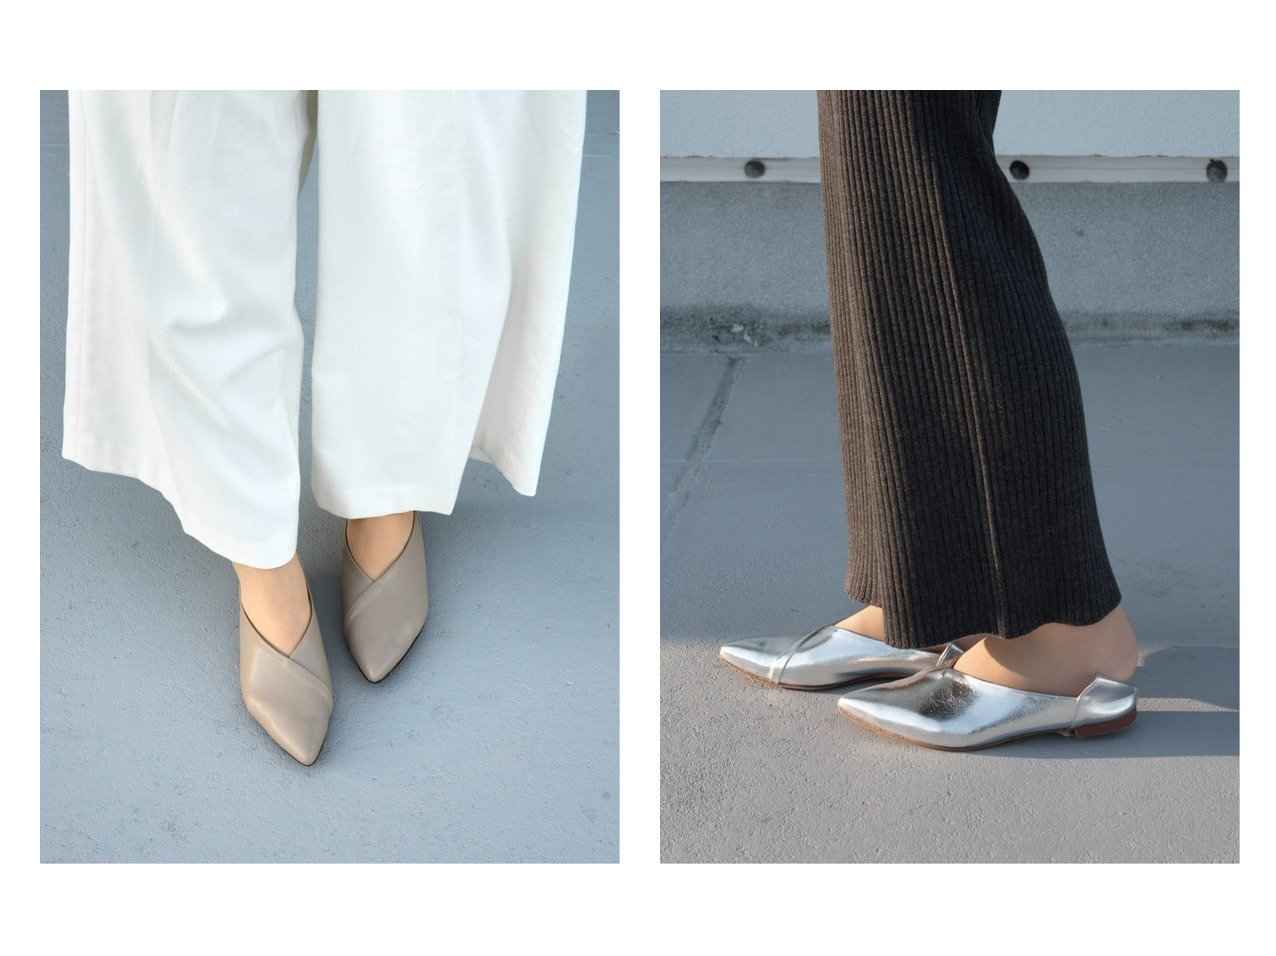 【MAMIAN/マミアン】のポインテッドトゥフラットバブーシュ おすすめ!人気、トレンド・レディースファッションの通販 おすすめで人気の流行・トレンド、ファッションの通販商品 インテリア・家具・メンズファッション・キッズファッション・レディースファッション・服の通販 founy(ファニー) https://founy.com/ ファッション Fashion レディースファッション WOMEN クッション シューズ スタイリッシュ スニーカー スリッパ フォルム フラット リラックス おすすめ Recommend |ID:crp329100000061978